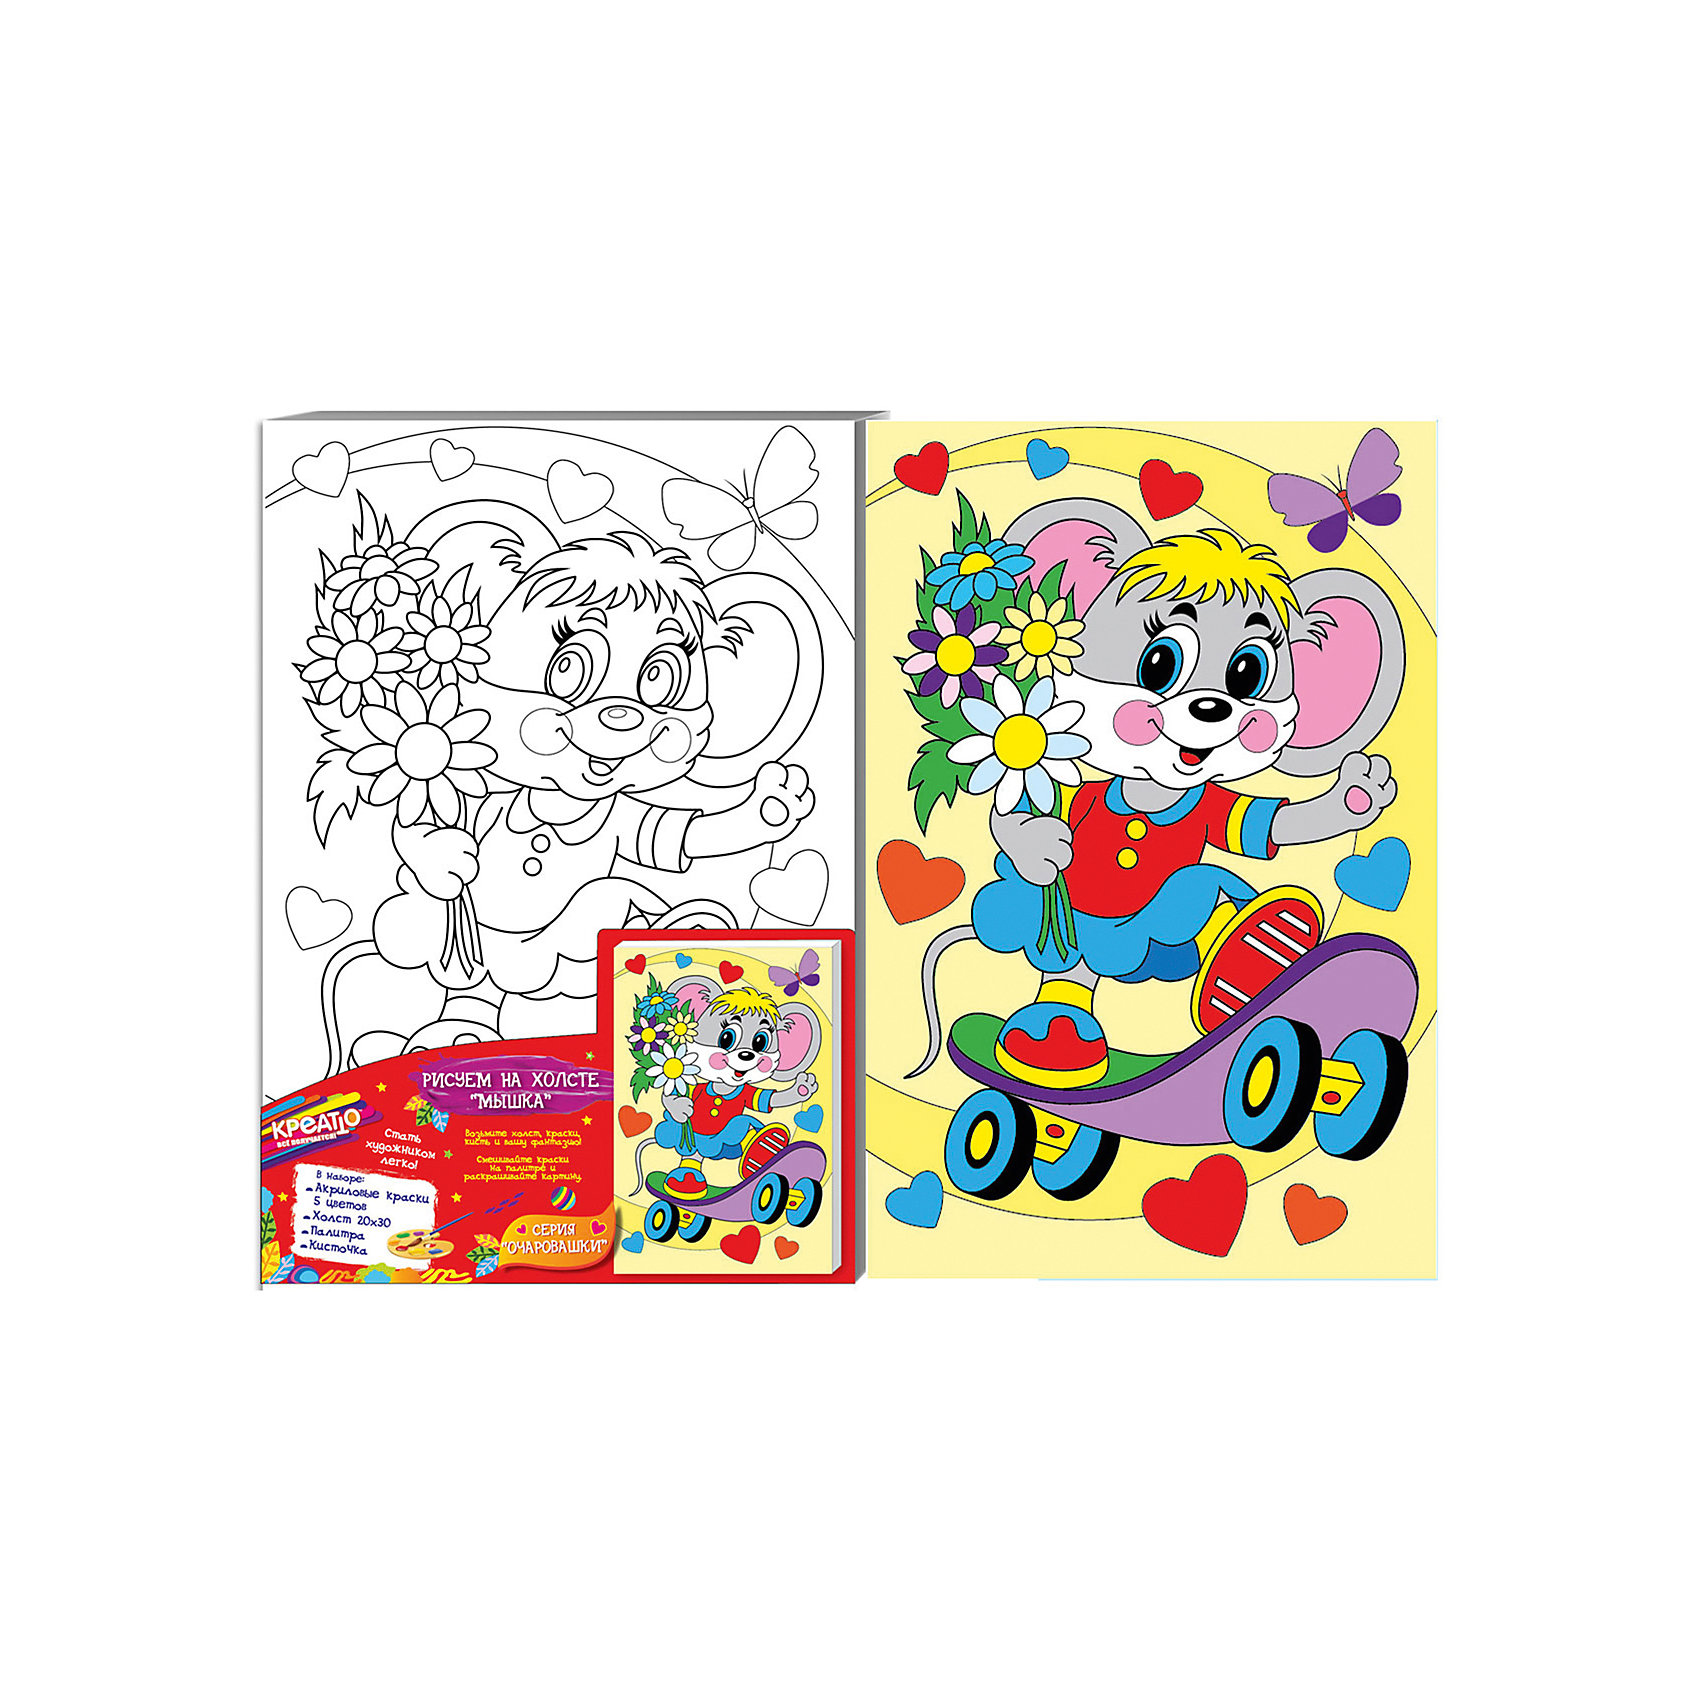 Роспись по холсту МЫШКА, 20Х30СМРаскраски по номерам<br>Добро пожаловать в мир КРЕАТТО! Предложите ребенку создать на холсте милую картинку «Мышка» из серии «Очаровашки». В наборе есть все необходимое. Выдавите краску из тюбиков на палитру, при желании смешайте цвета, получив новые оттенки, или разбавьте краски водой для придания им прозрачности. Если ошиблись, то просто закрасьте фрагмент новым цветом поверх подсохшей краски. Акриловые краски легко ложатся на холст, быстро сохнут, хорошо растворяются в воде, после высыхания становятся водонепроницаемыми. У юного художника получится яркая картина с изображением мышки на самокате, которую можно поставить на видное место. А во время работы с холстом у ребенка развивается мелкая моторика, художественный вкус, воображение, умение рисовать и сочетать цвета.&#13;<br>В наборе: плотный отбеленный загрунтованный холст с контурным рисунком, натянутый на деревянную рамку (20х30 см); 5 ярких цветов акриловых красок в металлических тубах; палитра; кисточка. Товар сертифицирован. Срок годности: 3 года.<br><br>Ширина мм: 200<br>Глубина мм: 300<br>Высота мм: 15<br>Вес г: 244<br>Возраст от месяцев: 36<br>Возраст до месяцев: 84<br>Пол: Унисекс<br>Возраст: Детский<br>SKU: 5016380